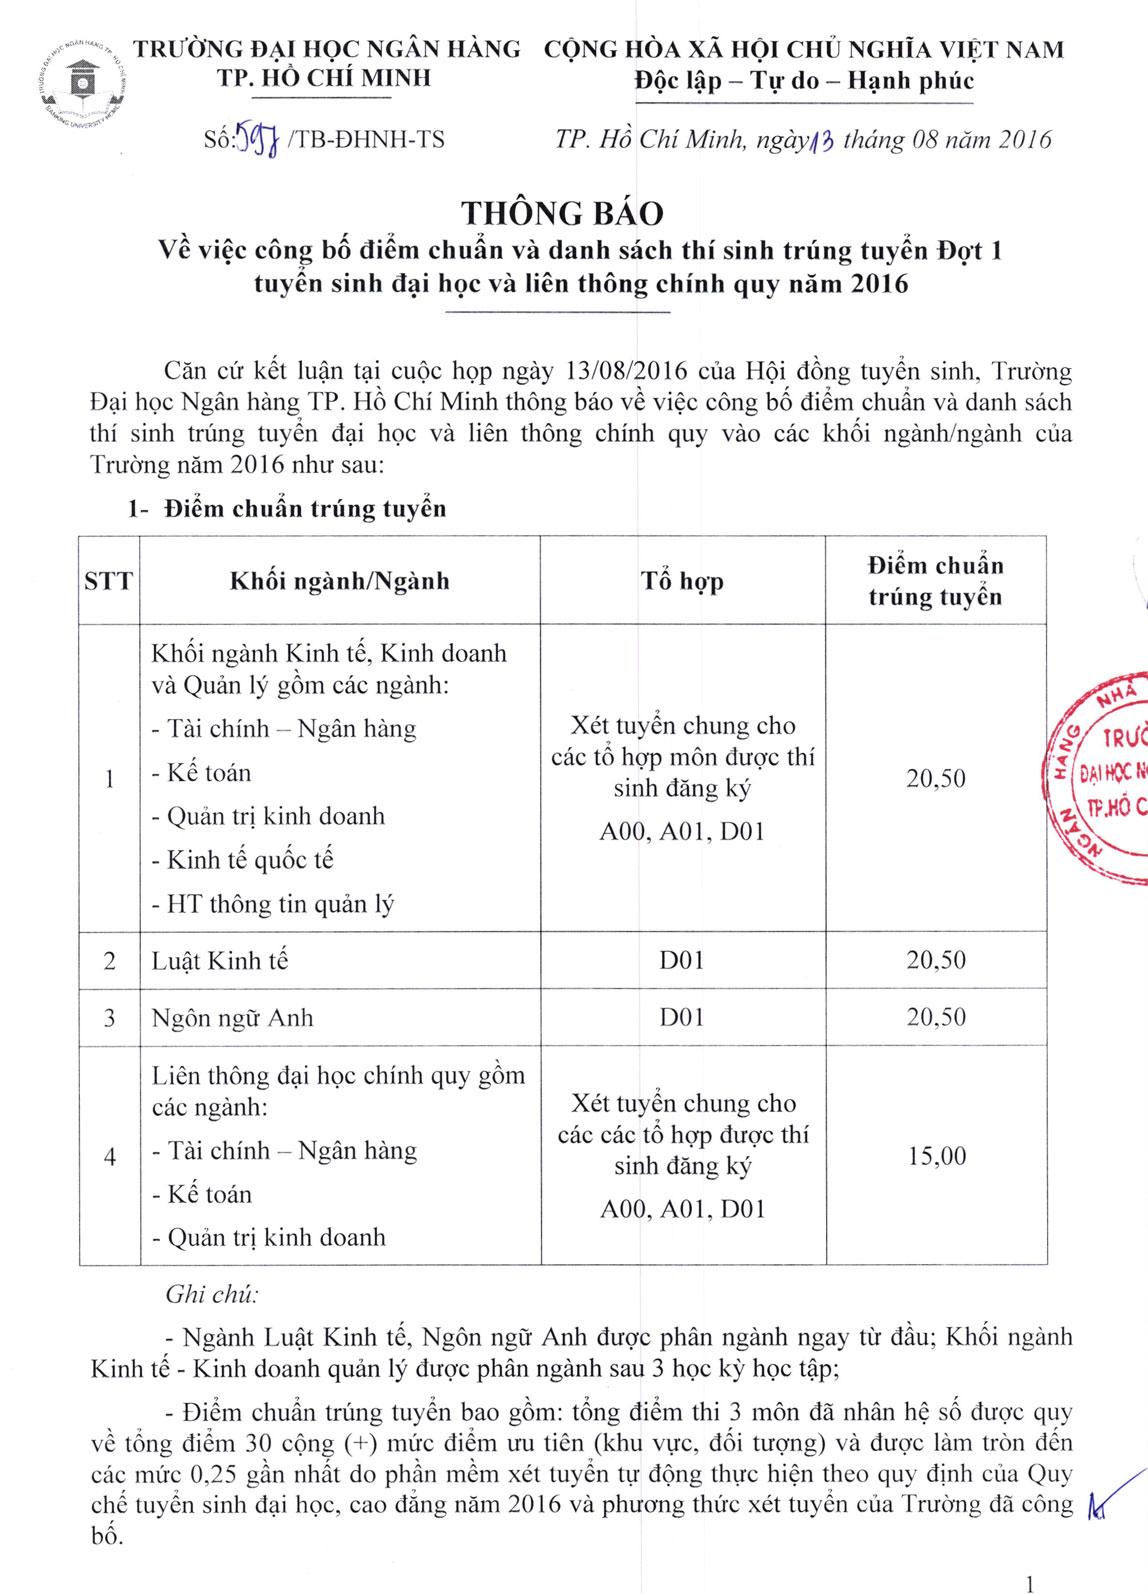 Diem chuan trung tuyen dot 1 vao truong Dai hoc Ngan hang TP.HCM 2016